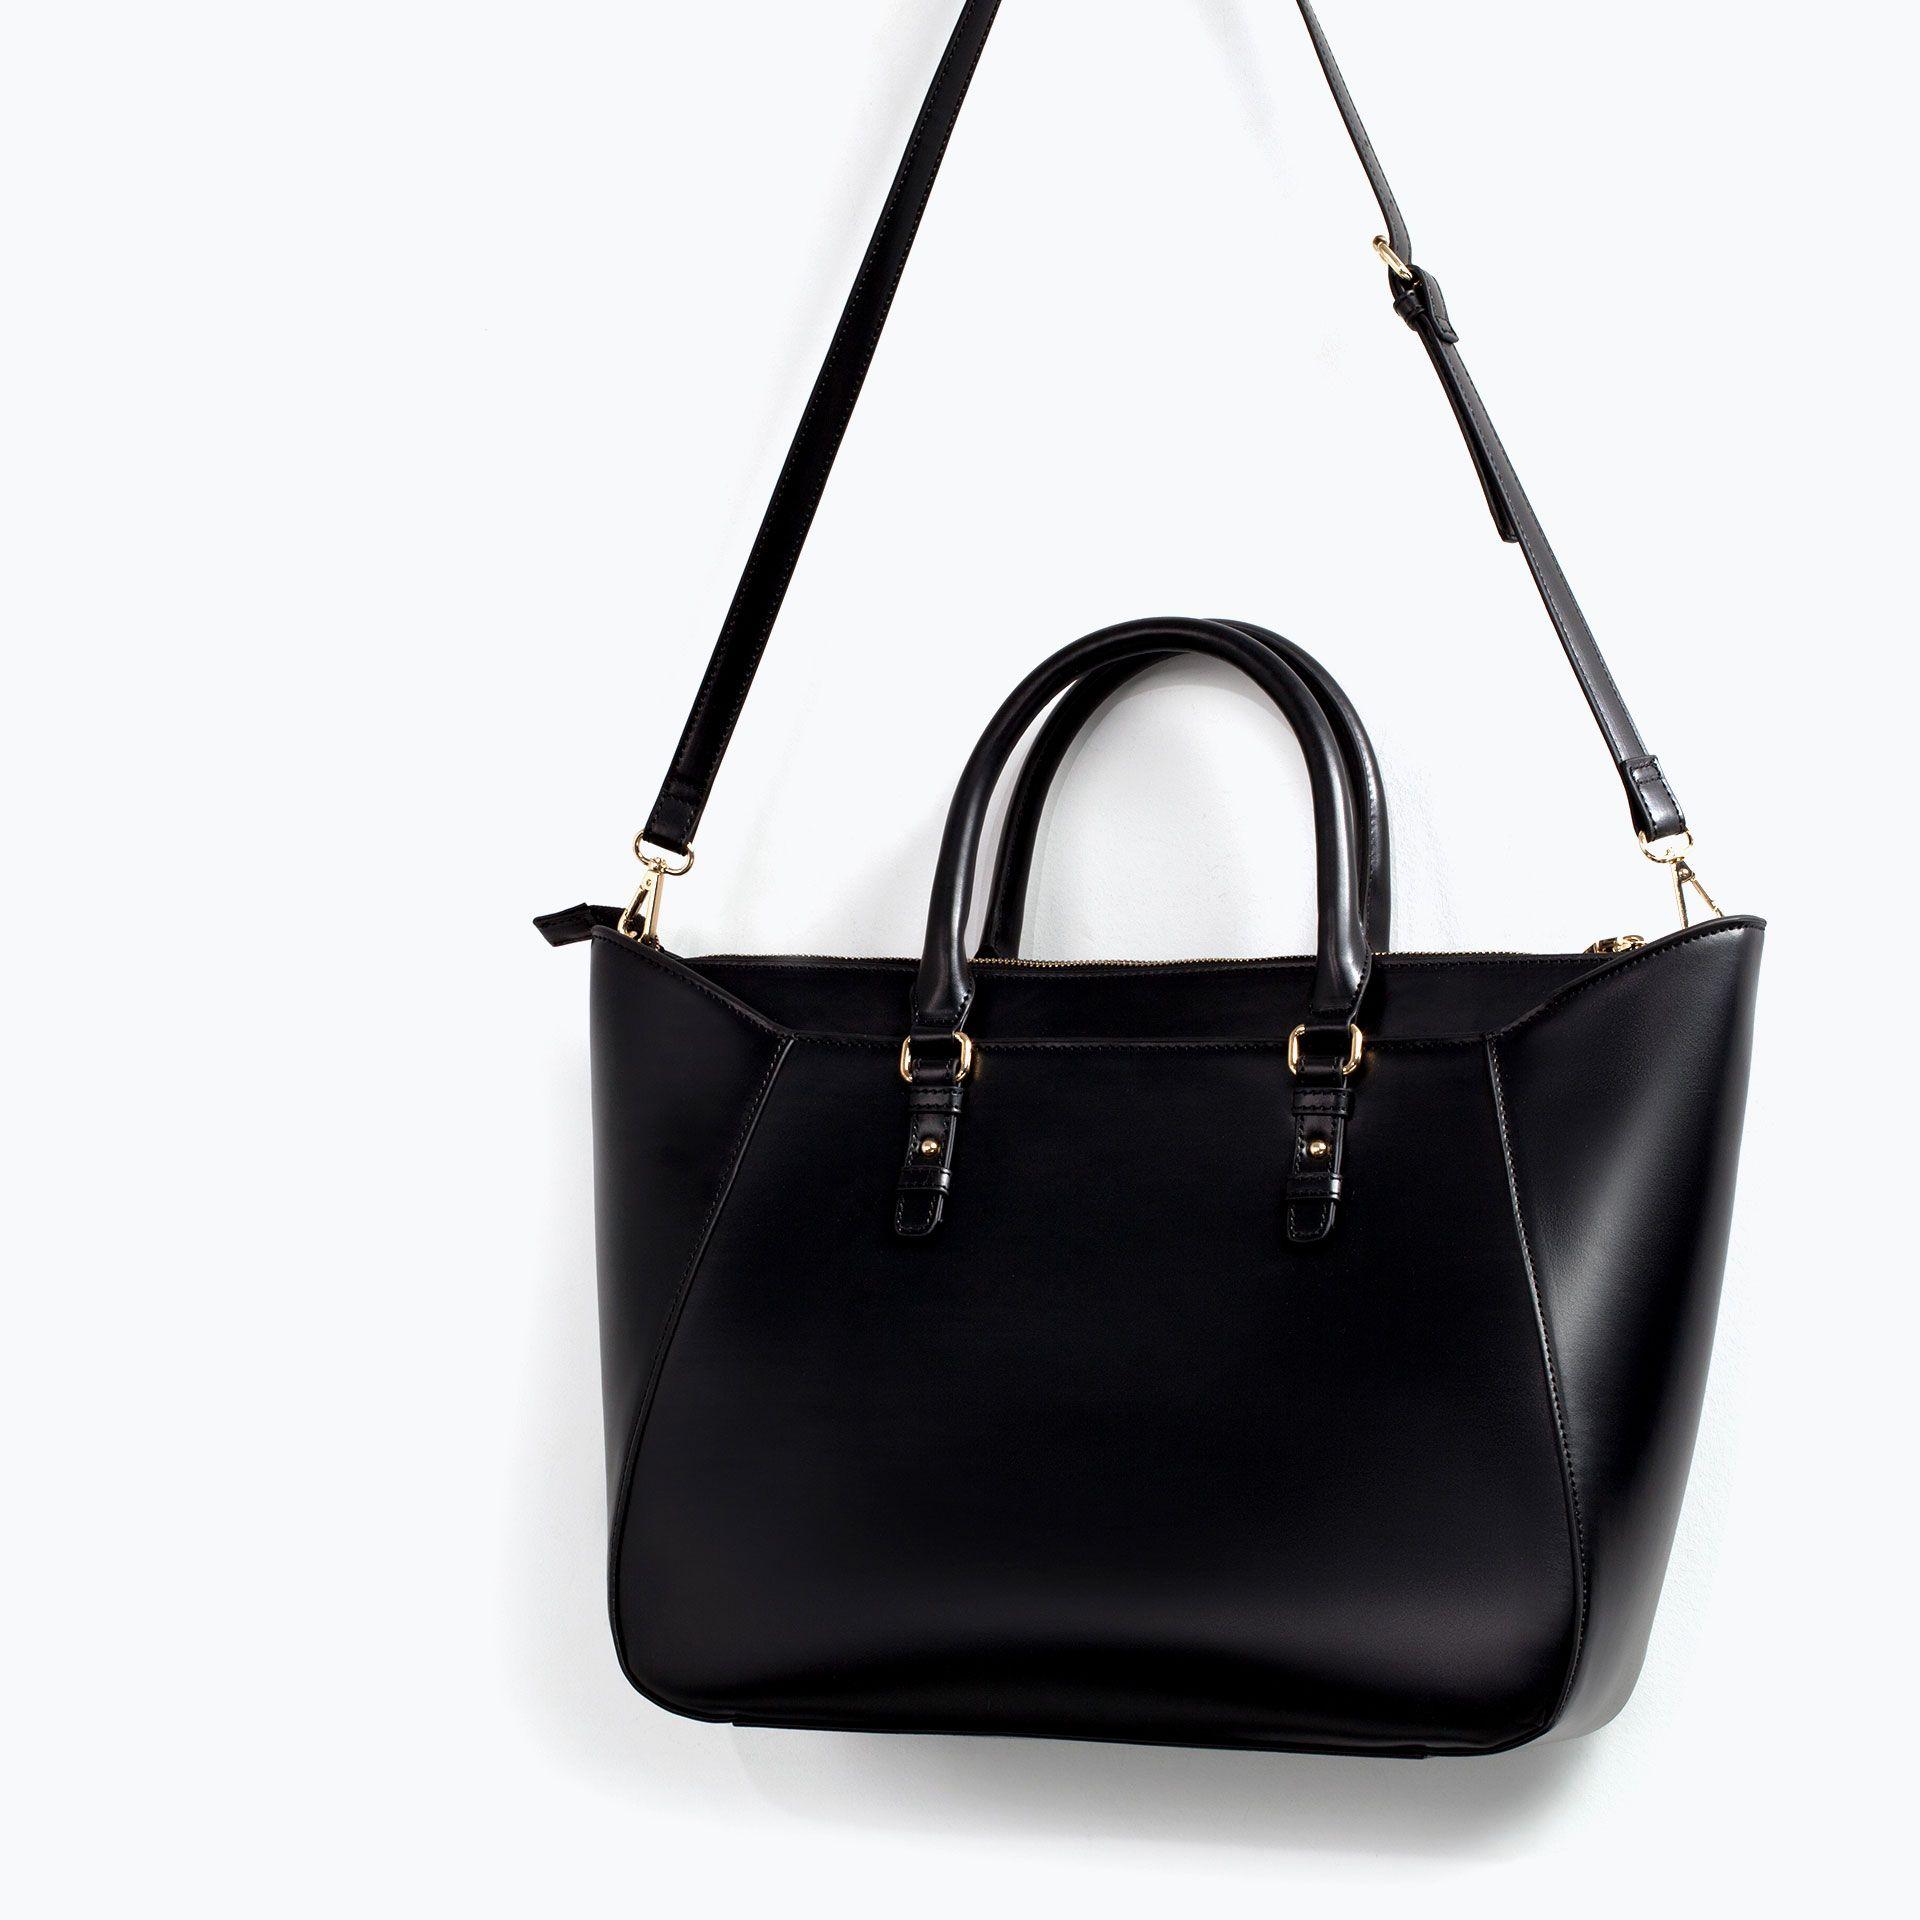 Sac de voyage Citybag Shopper Sac de Bagages à main FgBzQp0